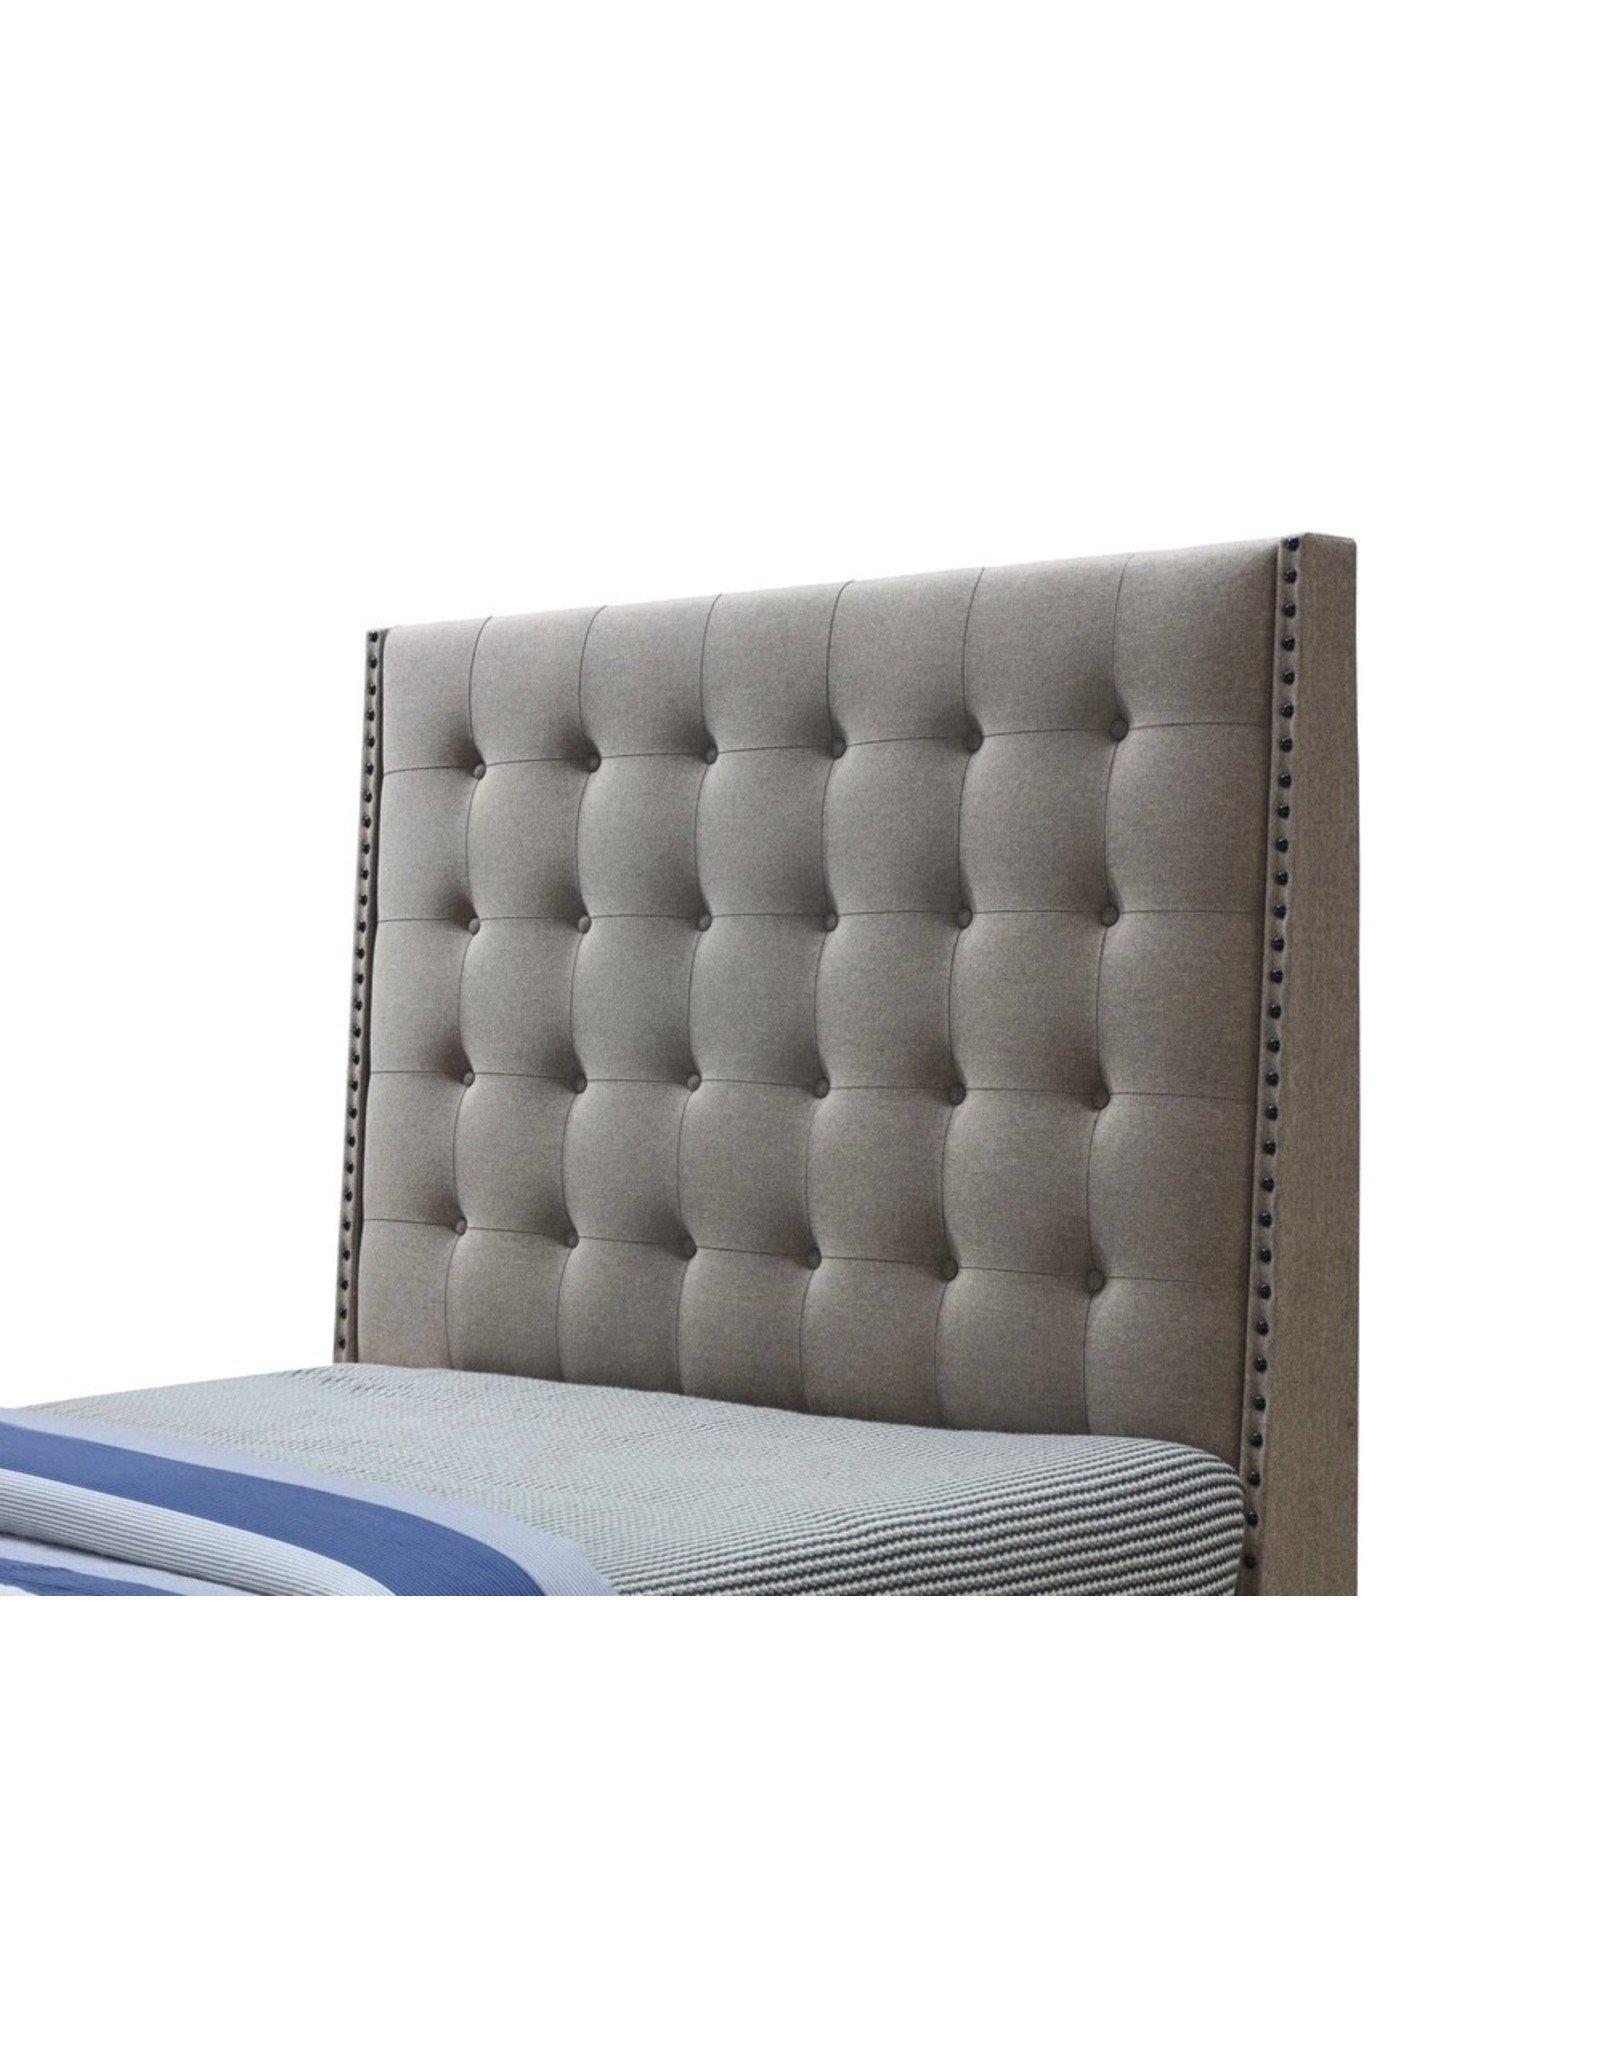 Regency 7206 King Bed Oat